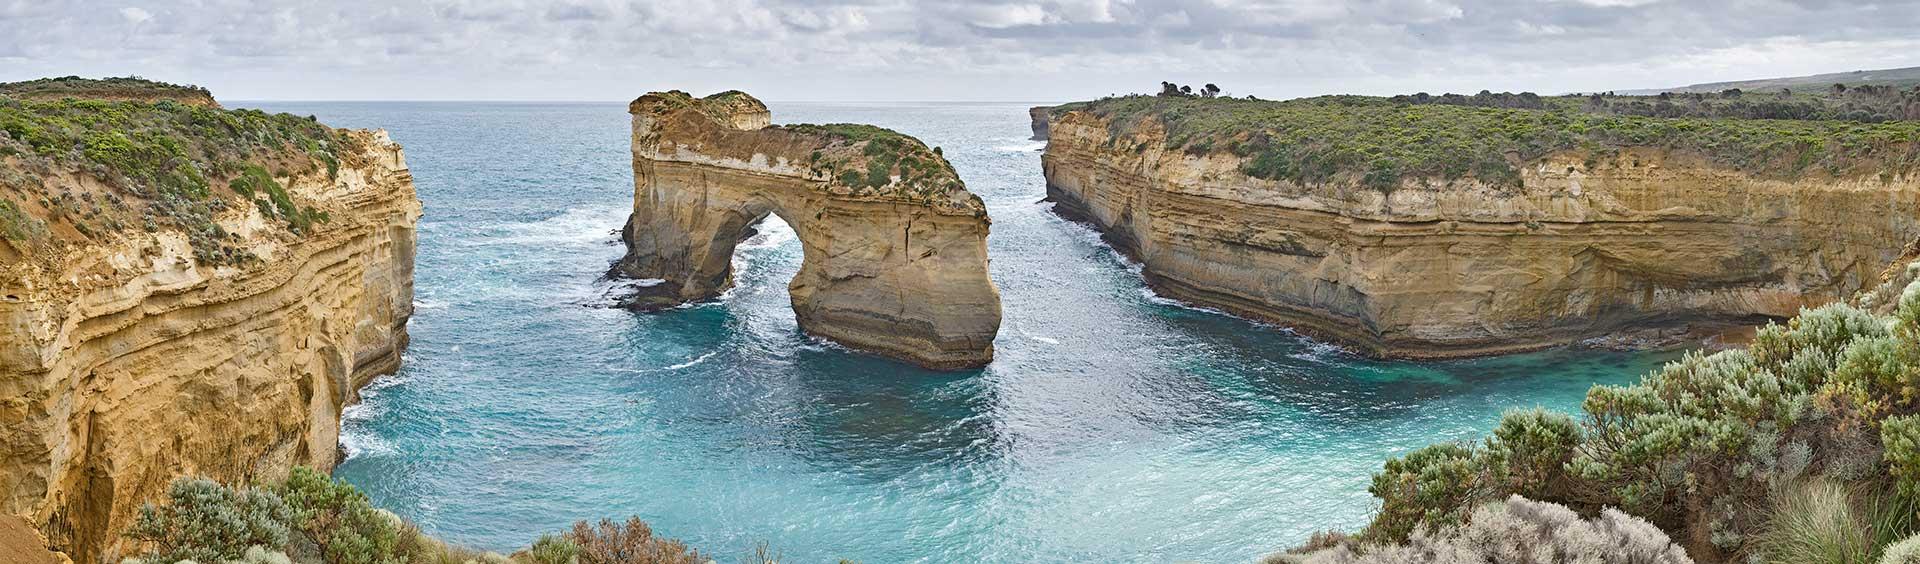 Great_Ocean_Rd,_Victoria